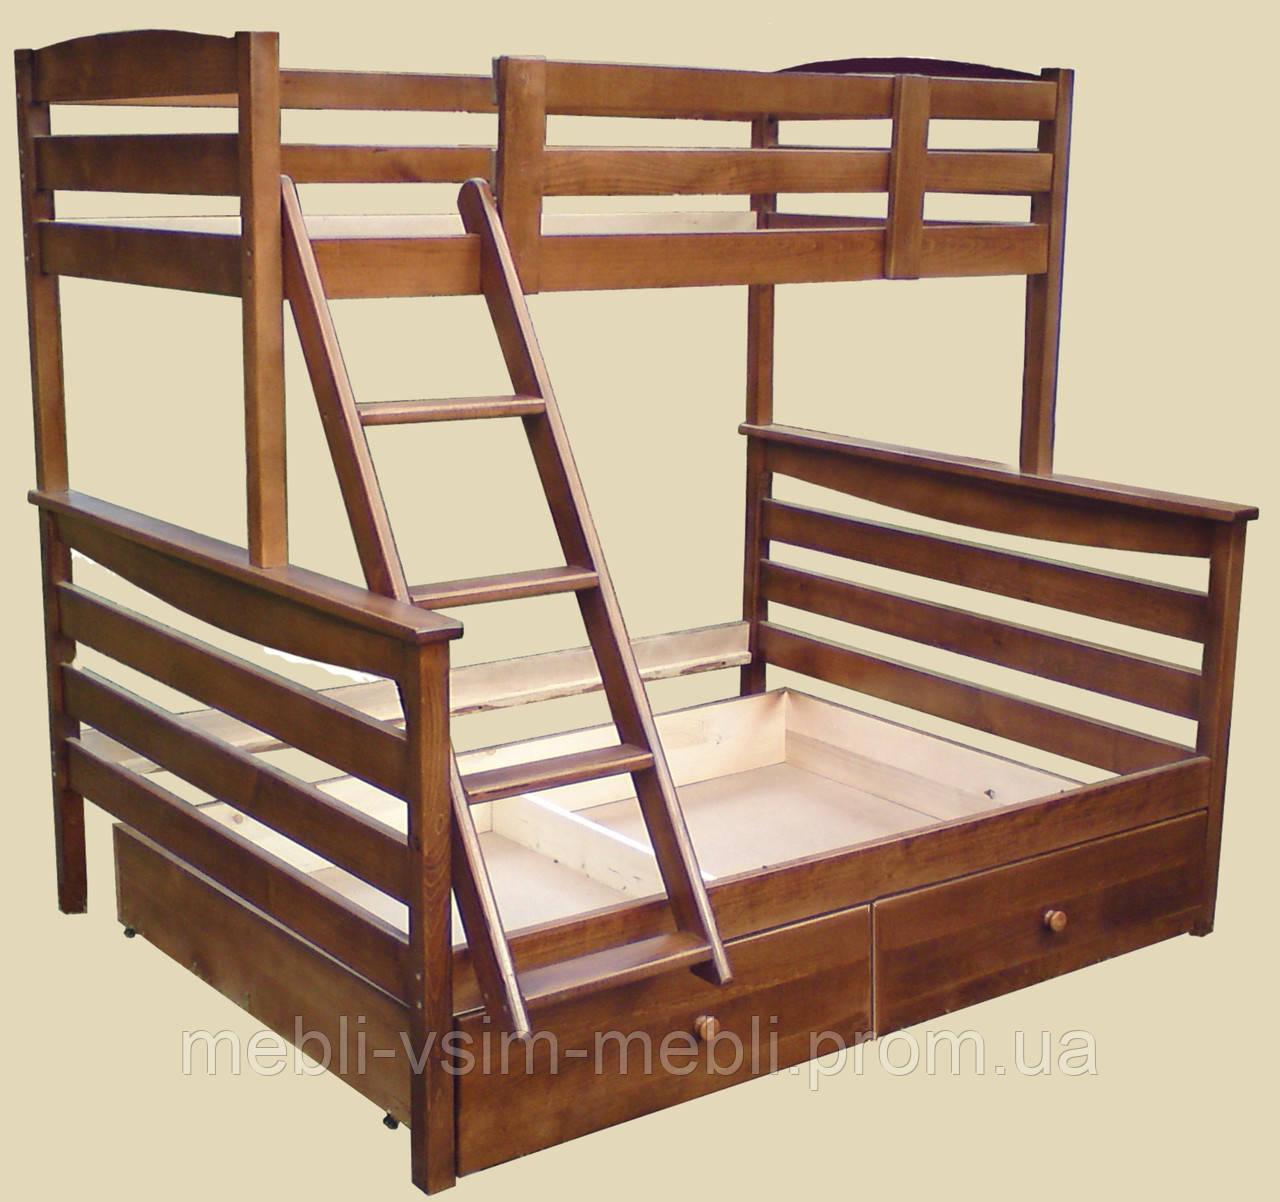 Детская кровать трансформер АРИНА бук, фото 1